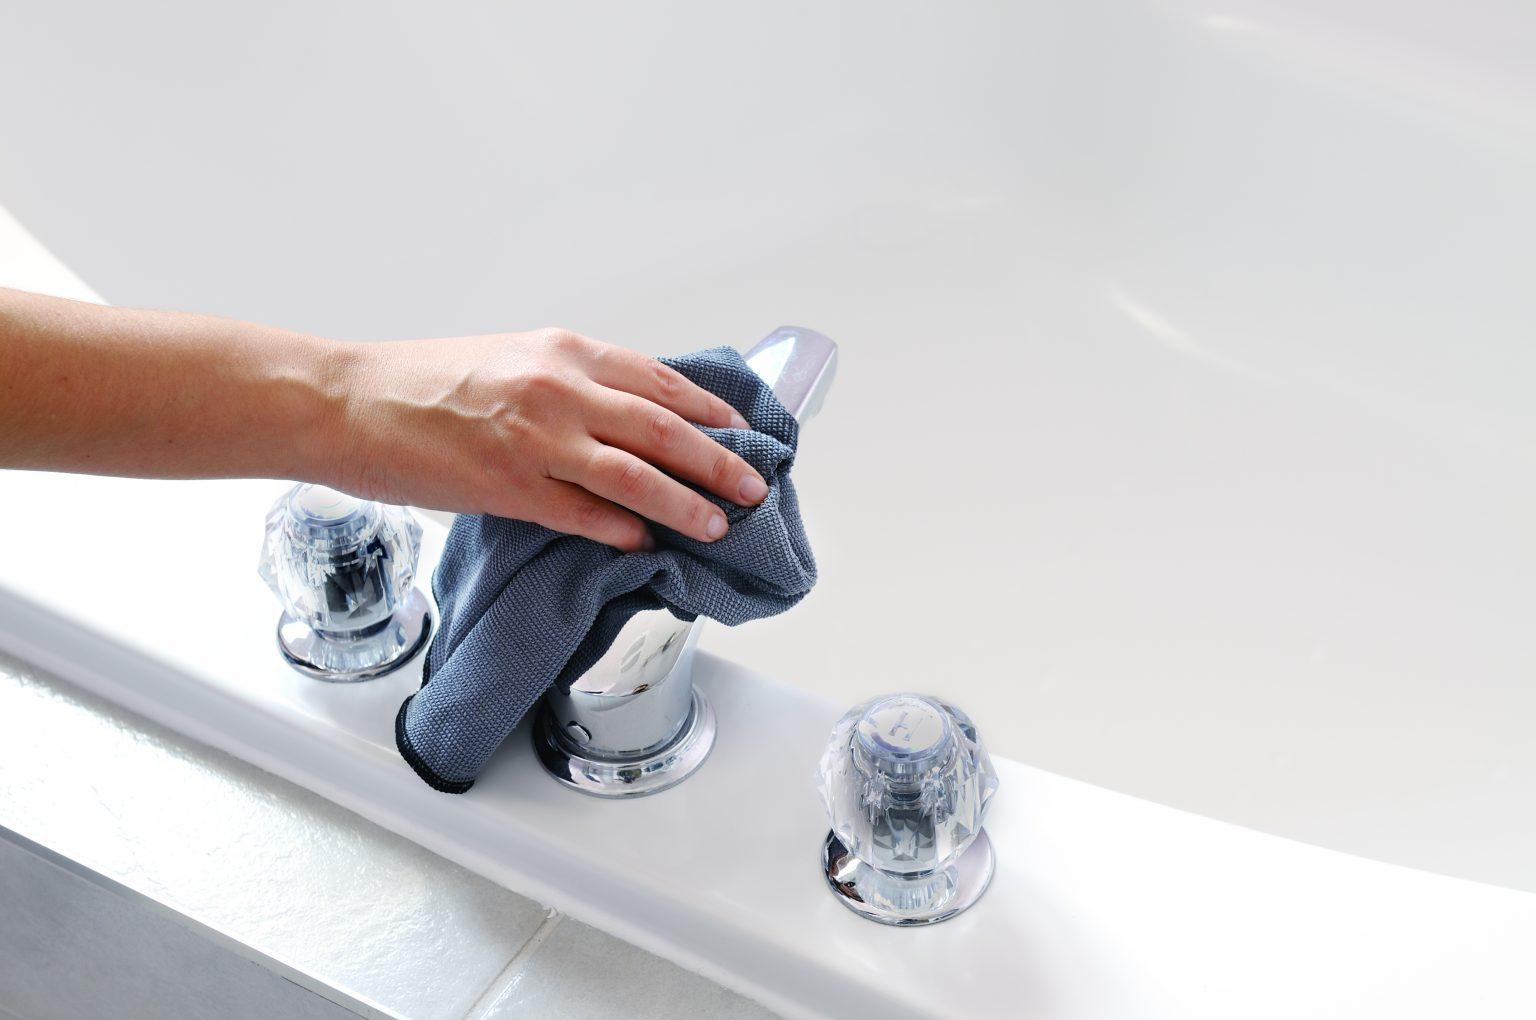 Banyo, küvet, klozet ve lavaboda en iyi temizliği nasıl sağlarım?